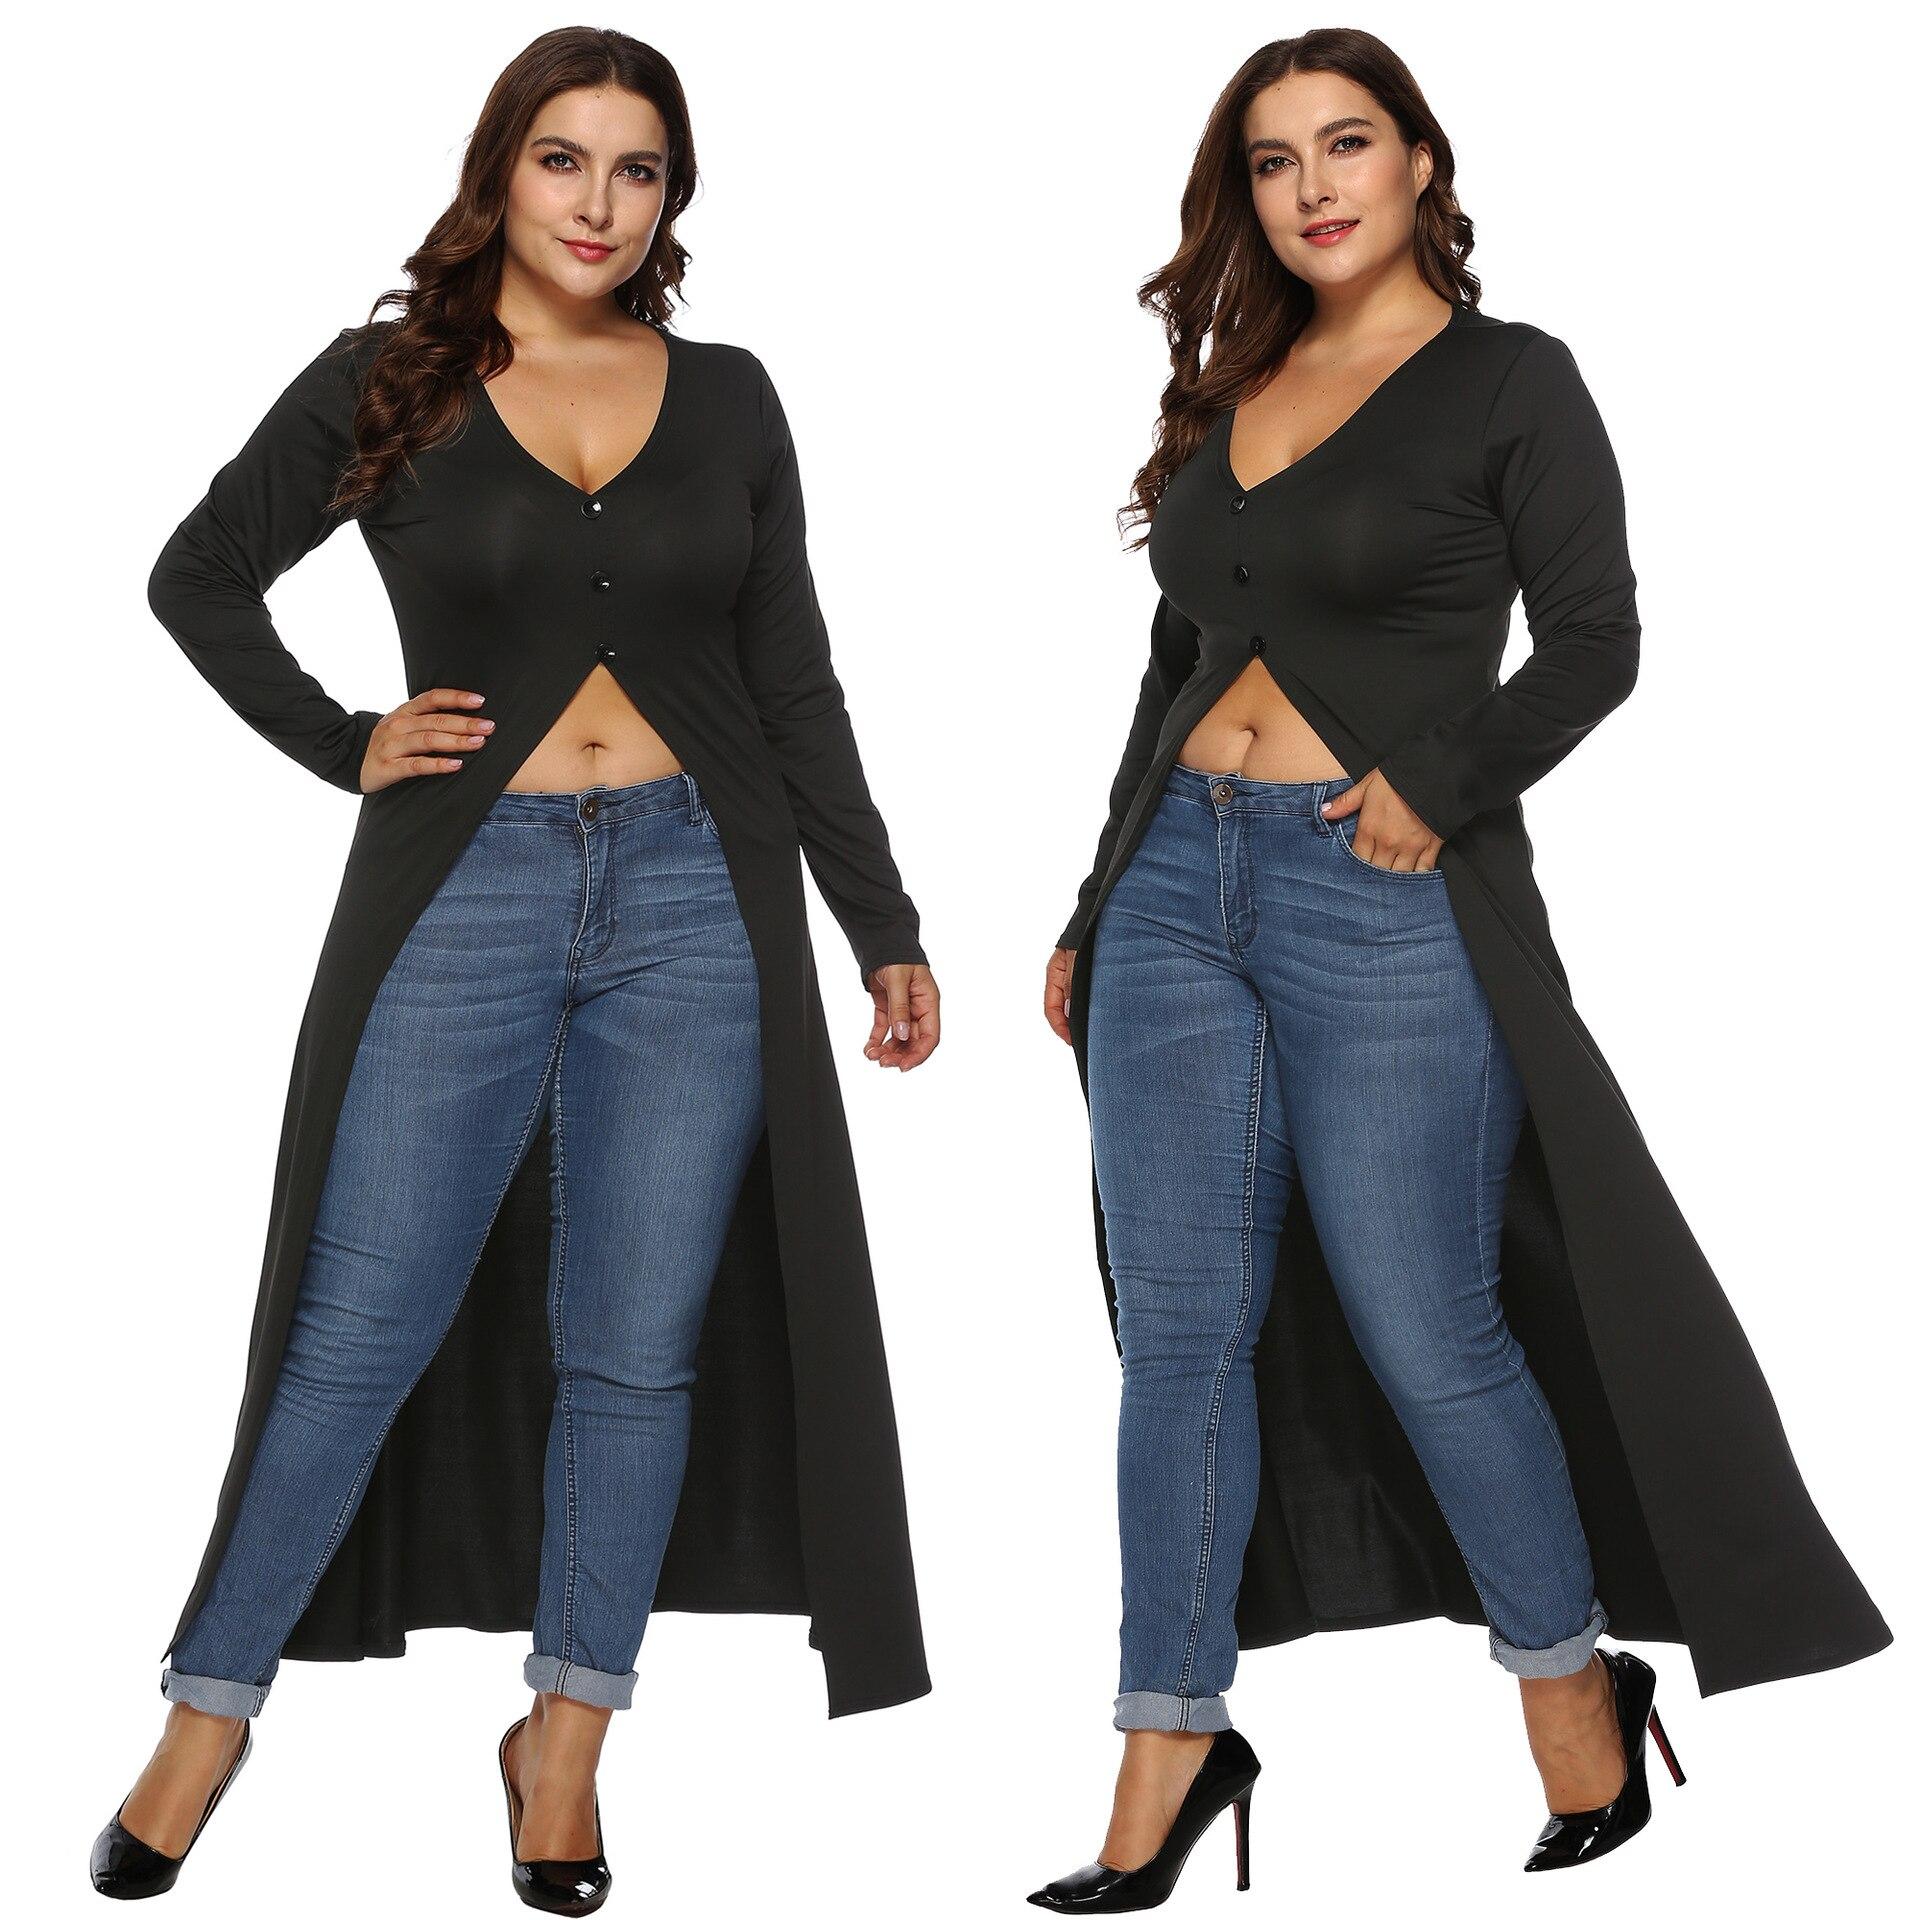 Plus-sized Women's Autumn And Winter Long Sleeve Irregular Bare Midriff Slit Dovetail Skirt Deep-V Full-Length Skirt 11008